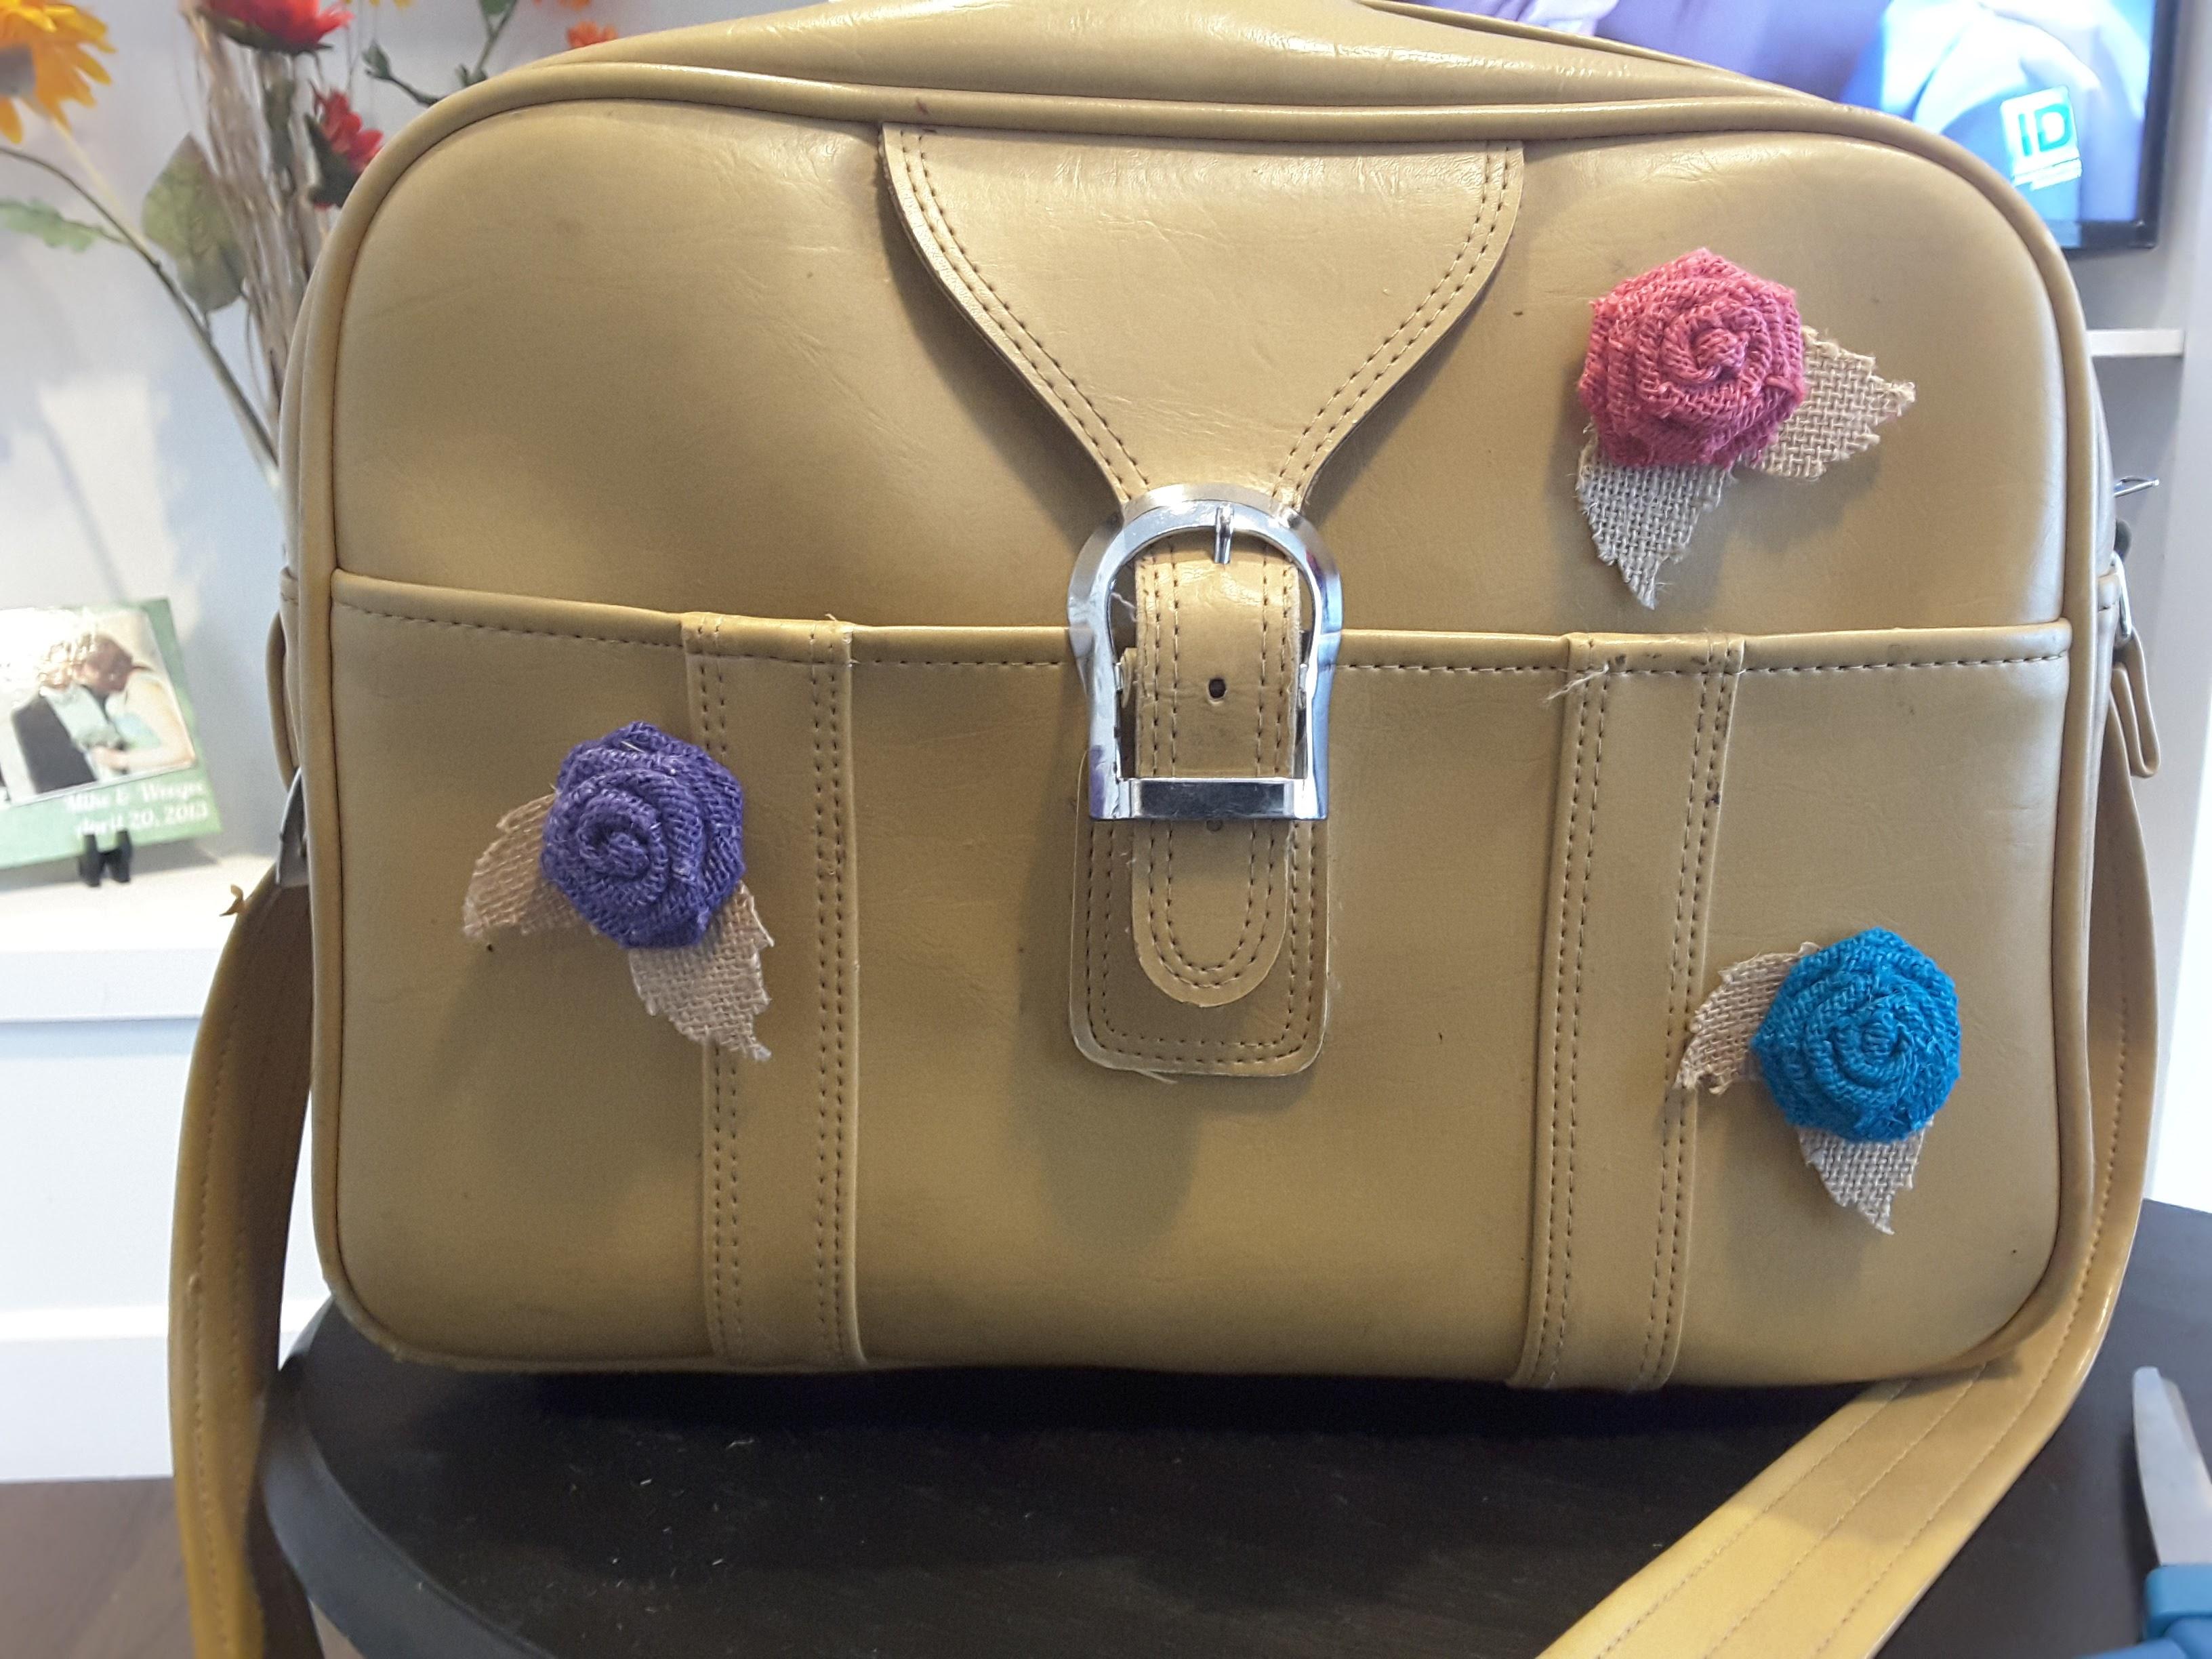 Vintage travel bag - thrift store finds